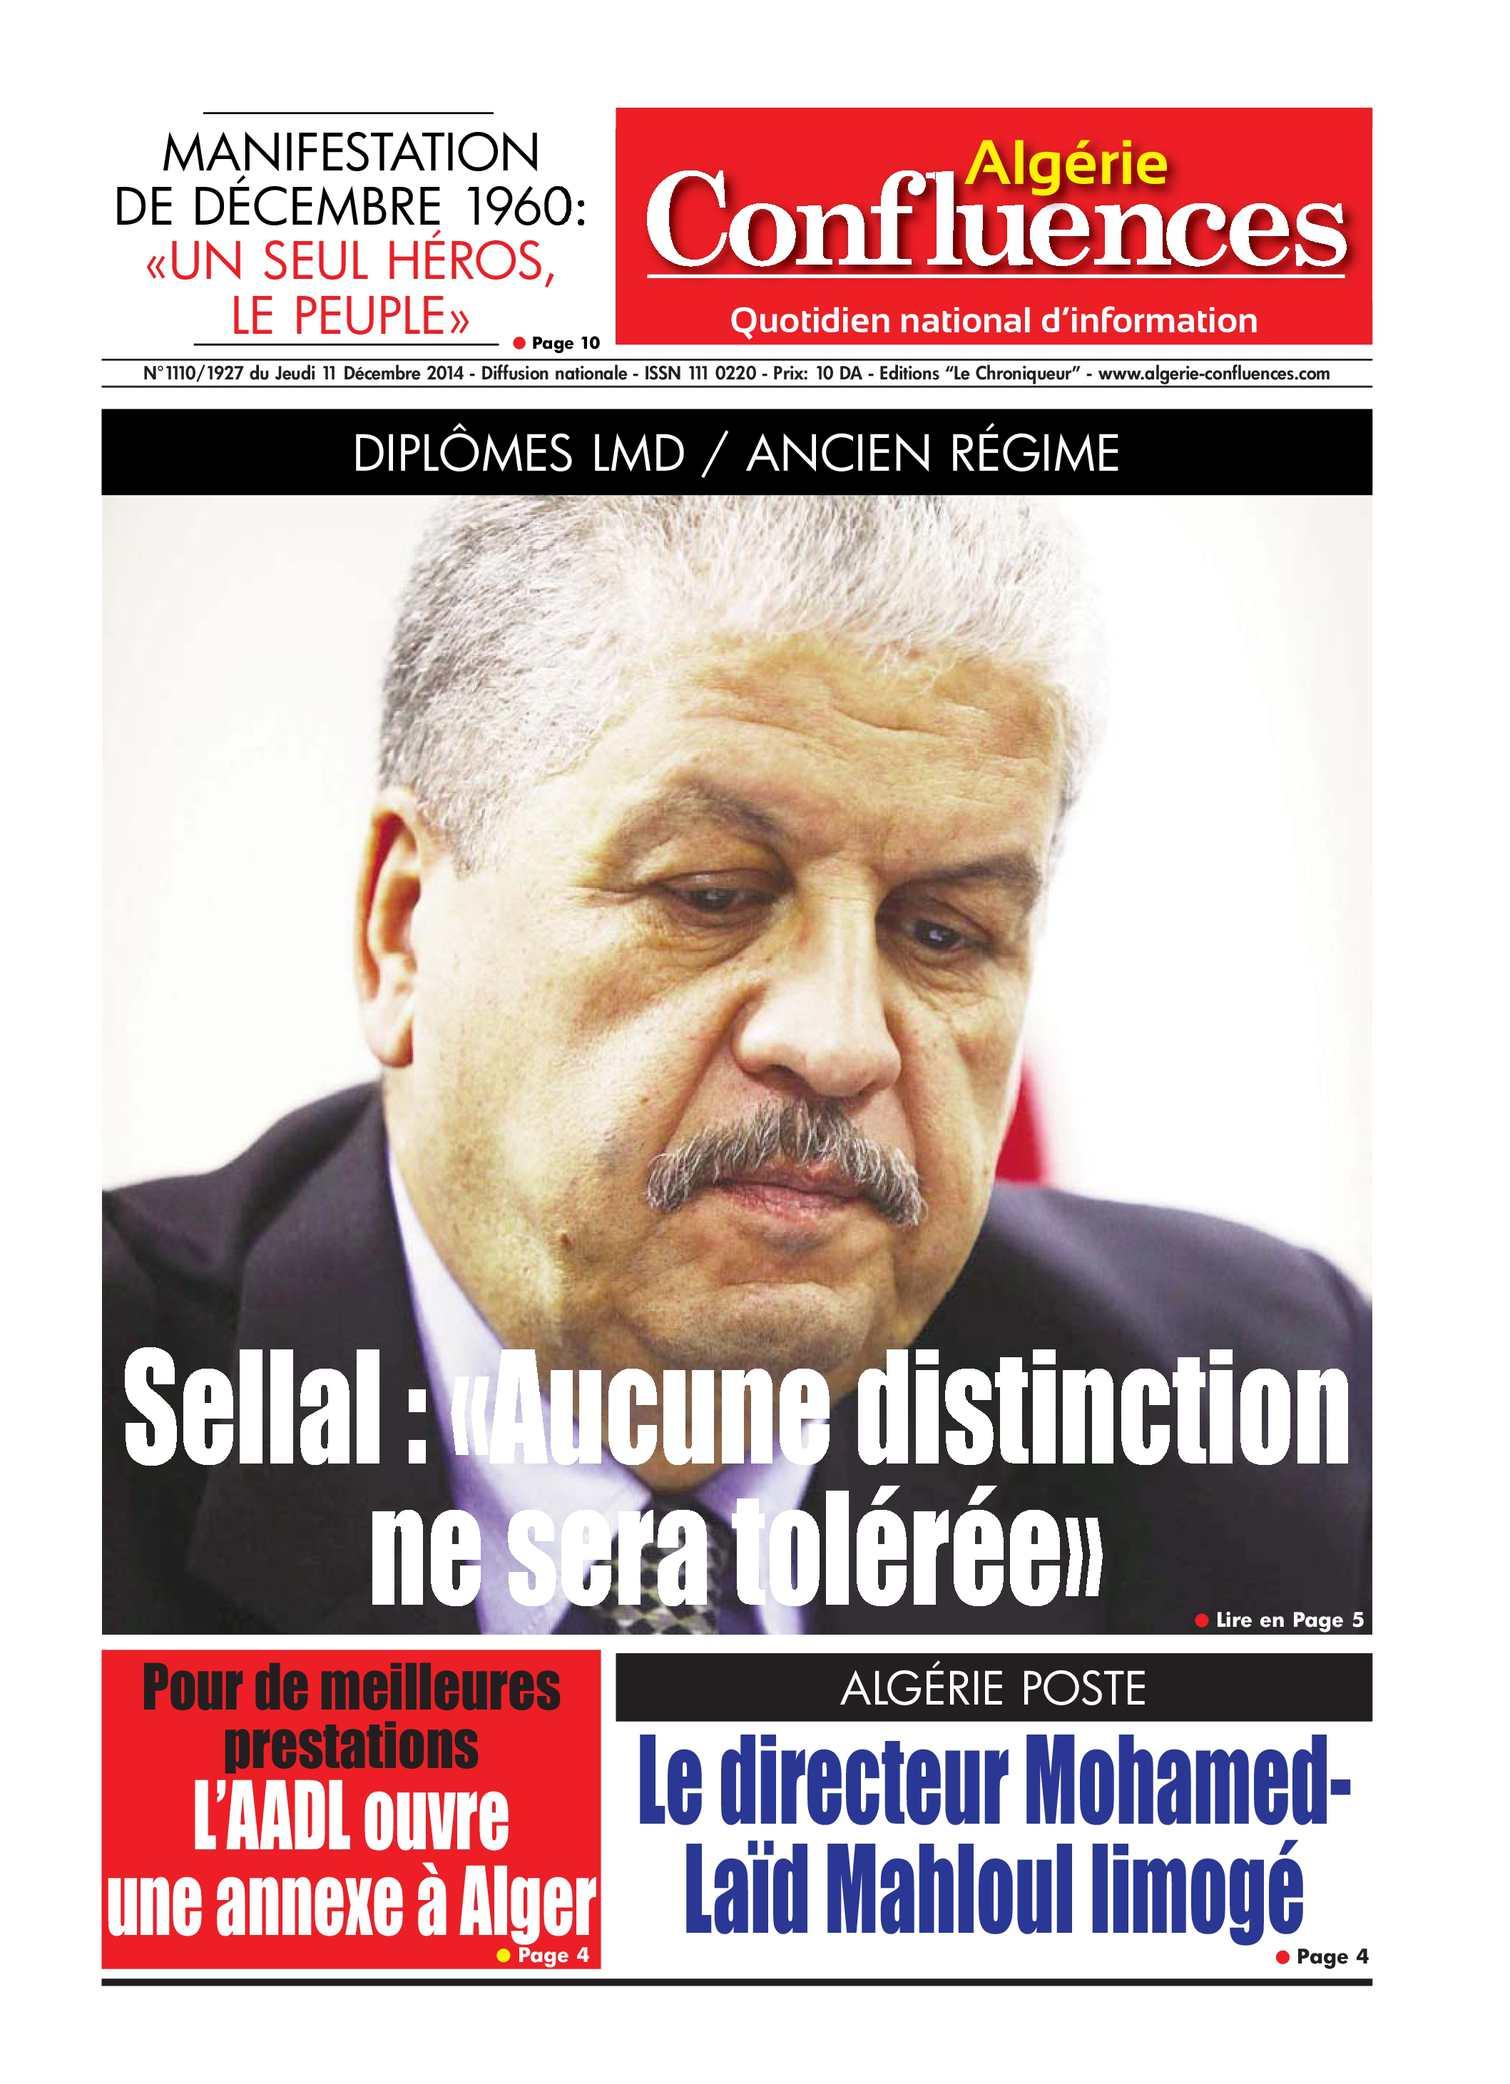 Algerie Confluences 11